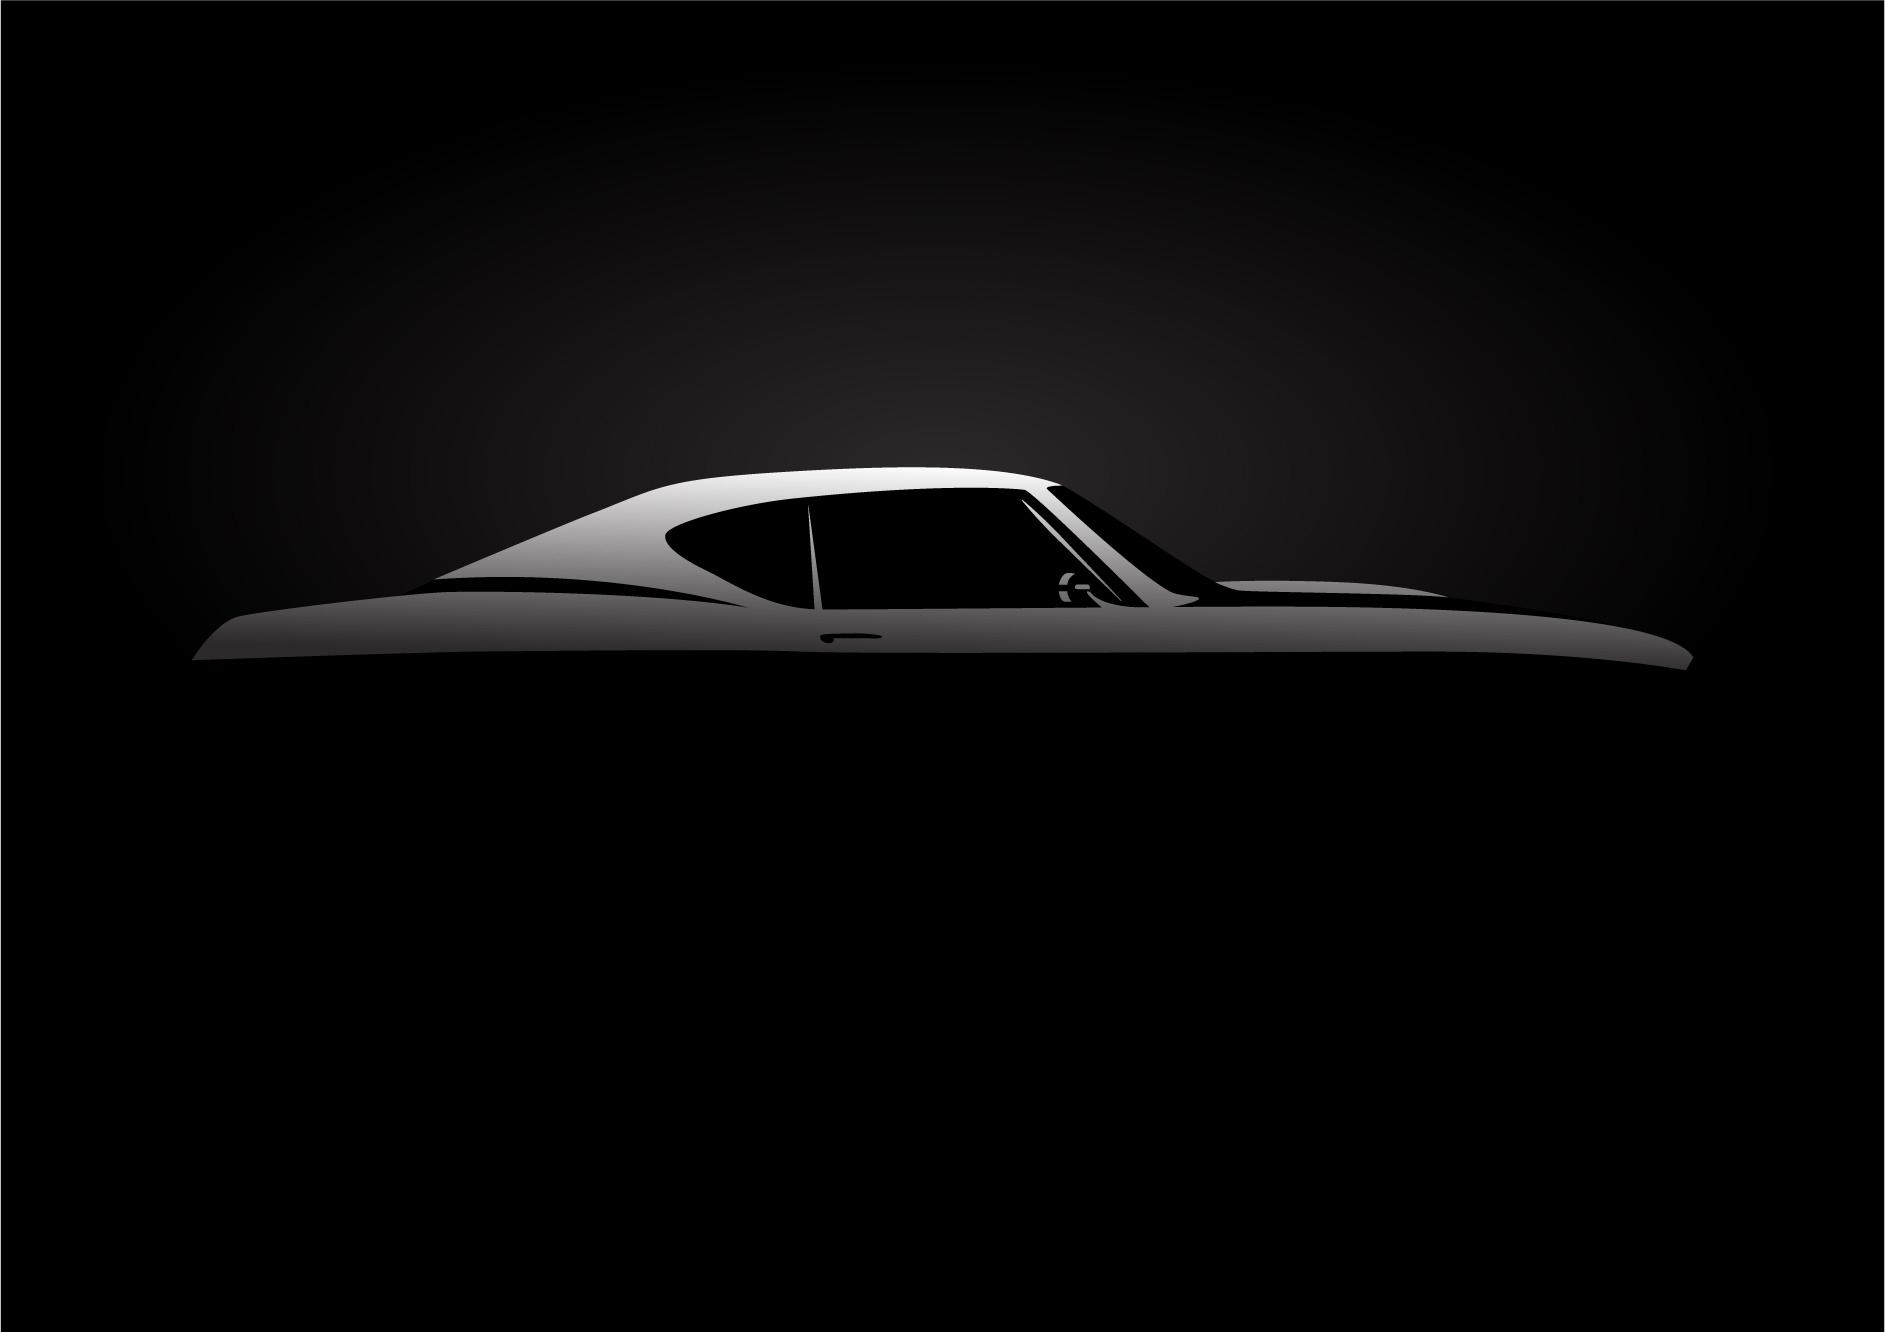 Auto company logos creative vector 05 - Vector Car free ...